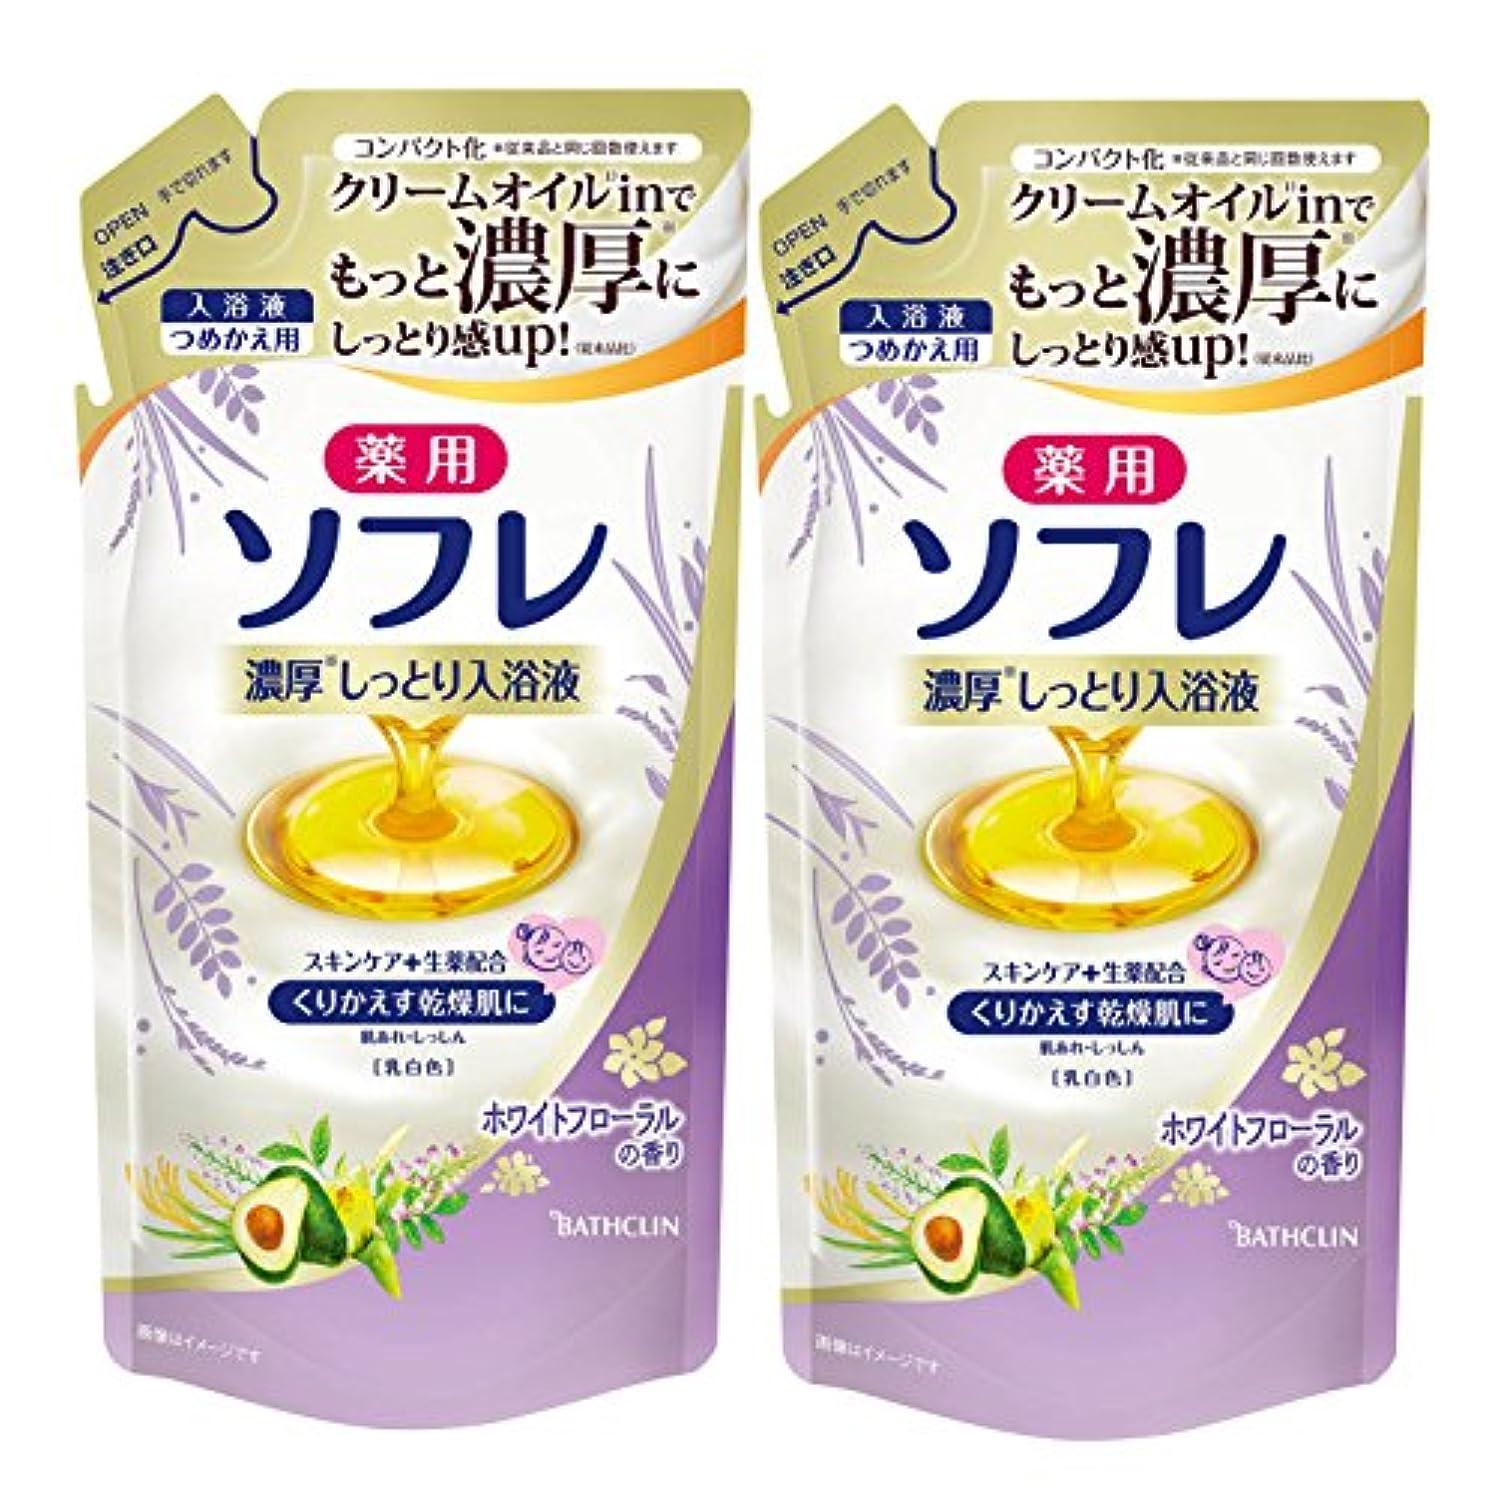 ハンディキャップ規制するコークス【セット品】薬用ソフレ 濃厚しっとり入浴液 ホワイトフローラルの香り つめかえ用 400mL (医薬部外品) 2個セット